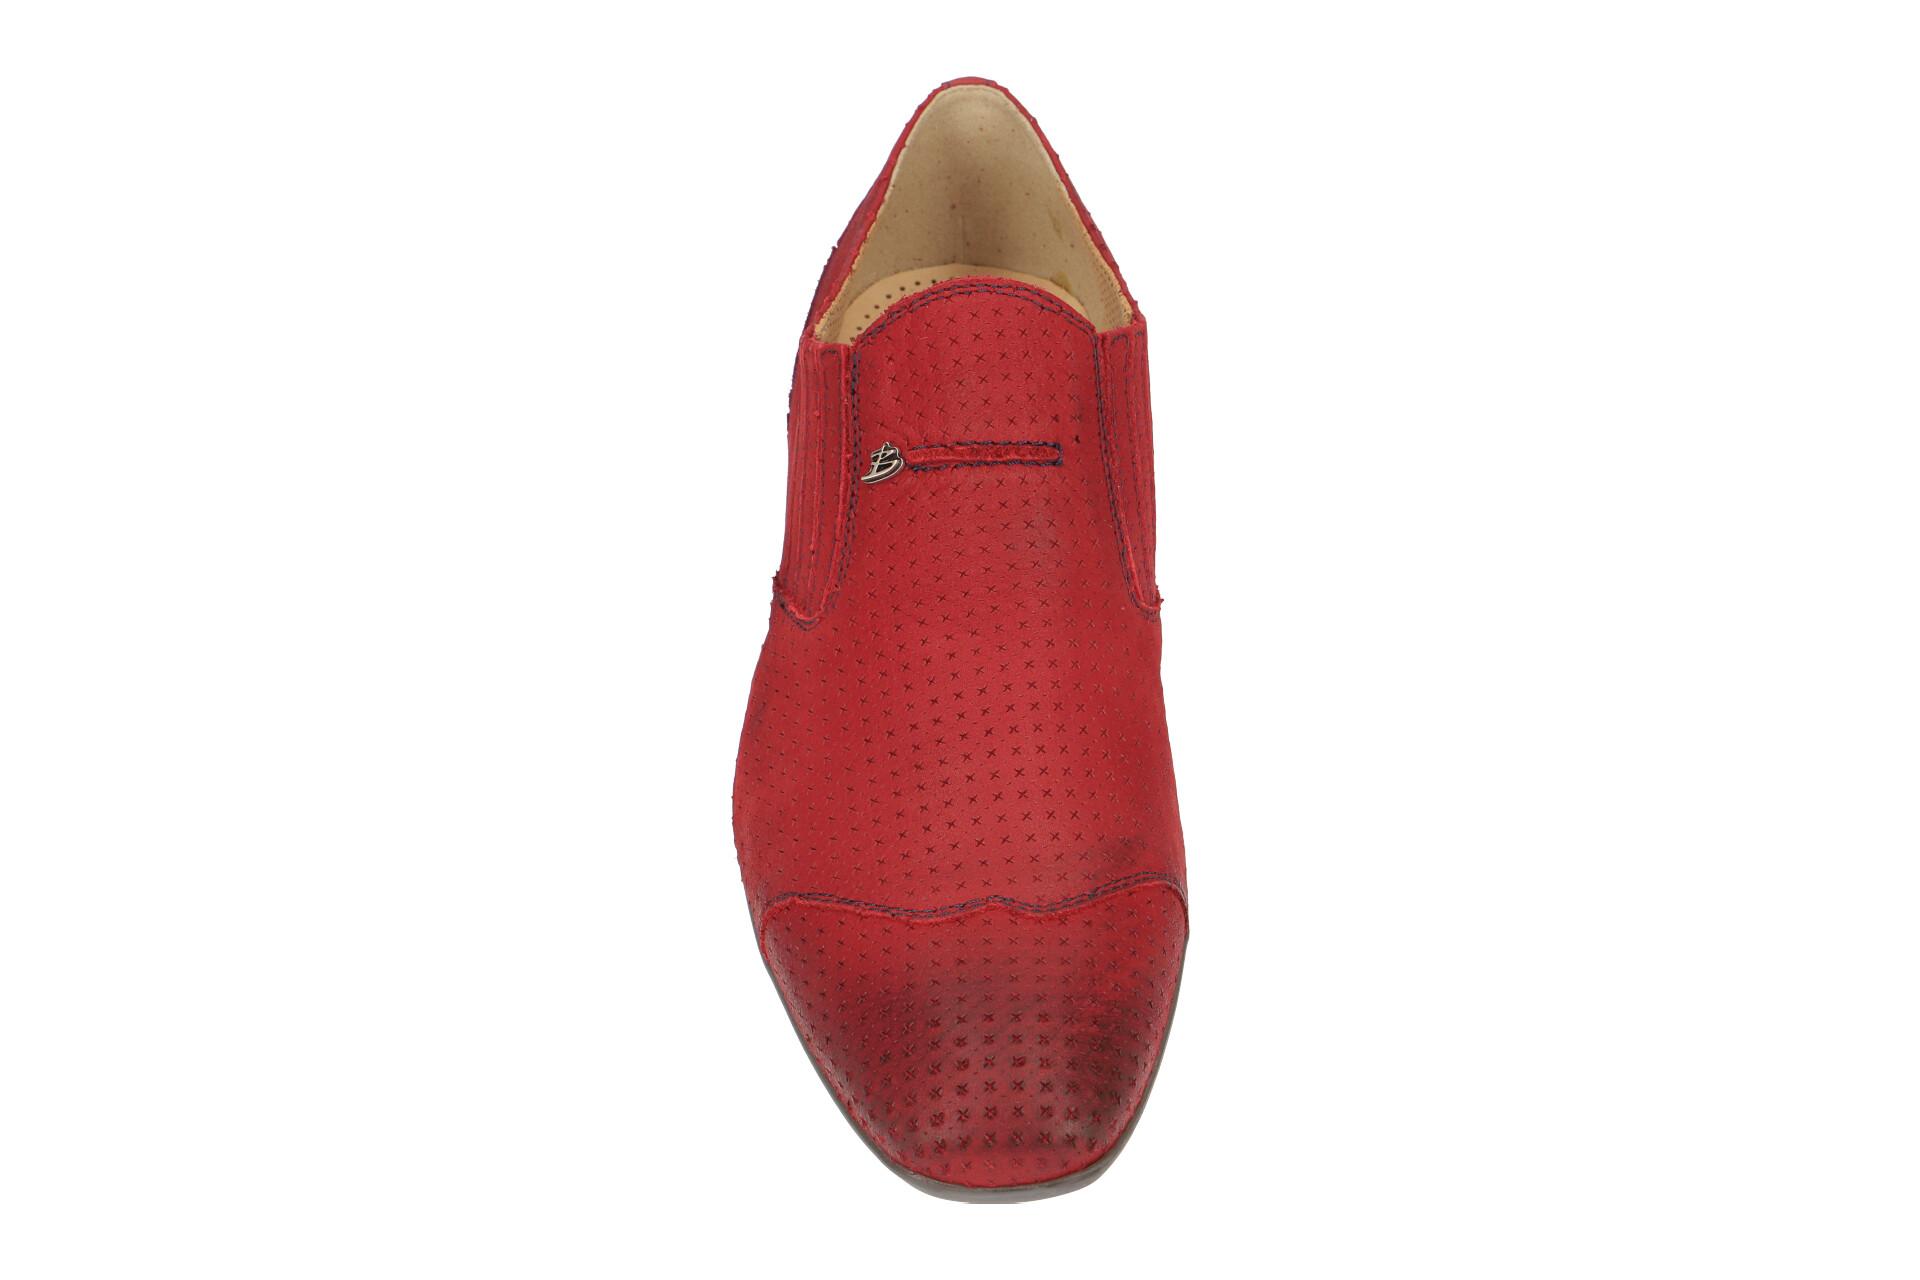 d2b9050ca991cb Bello Schuhe BL197 rot Herrenschuhe elegante Slipper BL197 rosso NEU ...